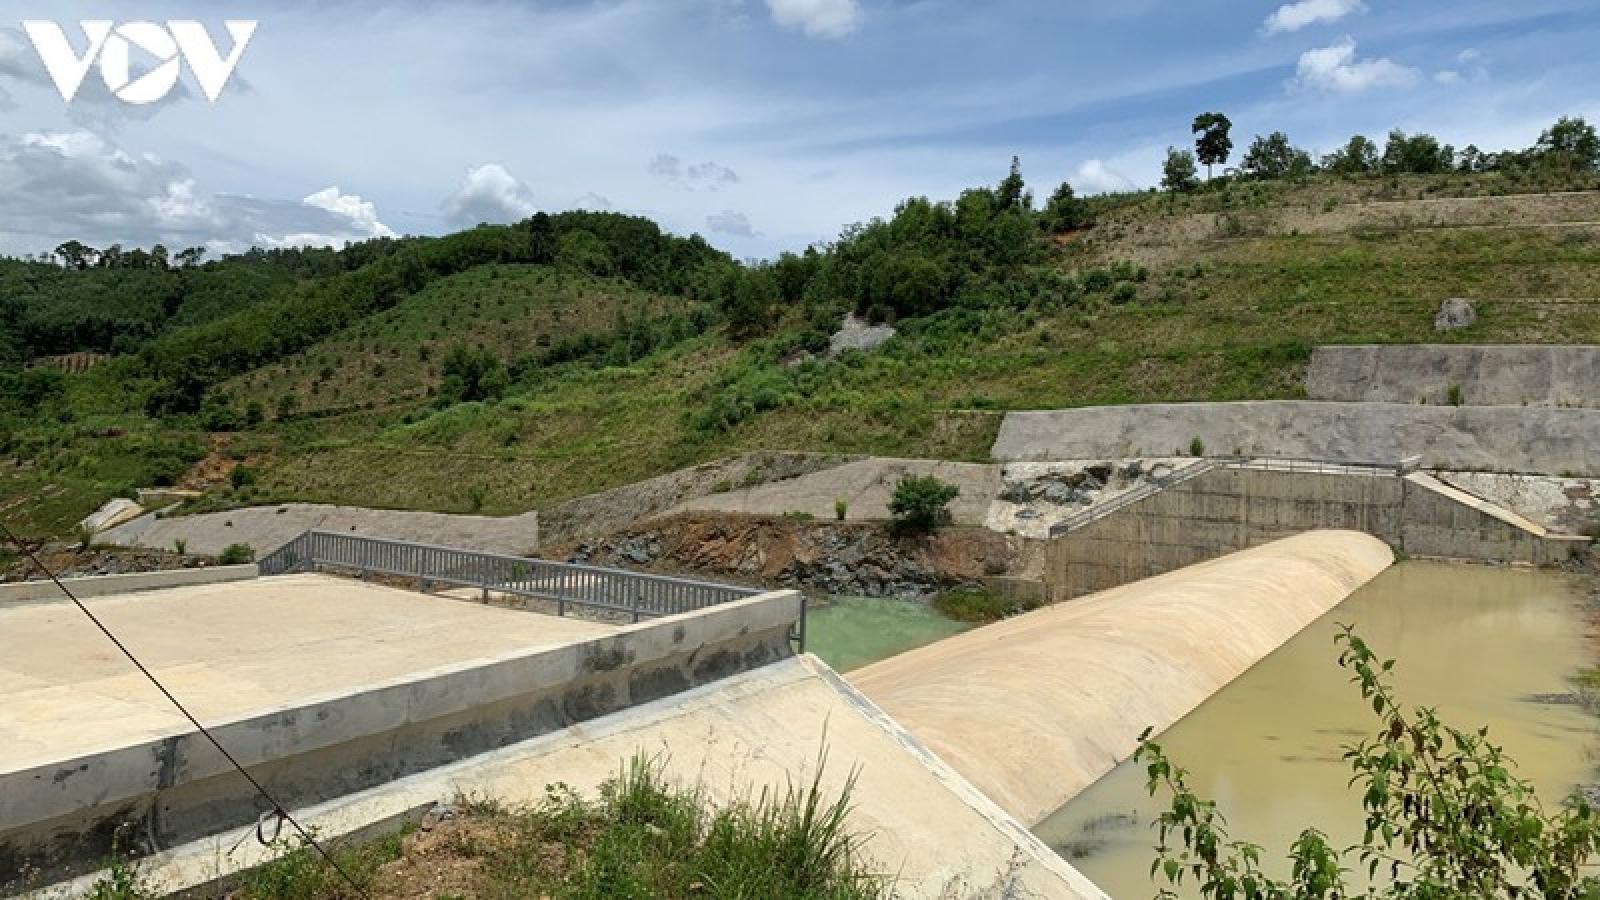 Thuỷ lợi 4.400 tỷ đồng trì trệ ở Đắk Lắk: Bộ NN&PTNT sẽ báo cáo Thủ tướng